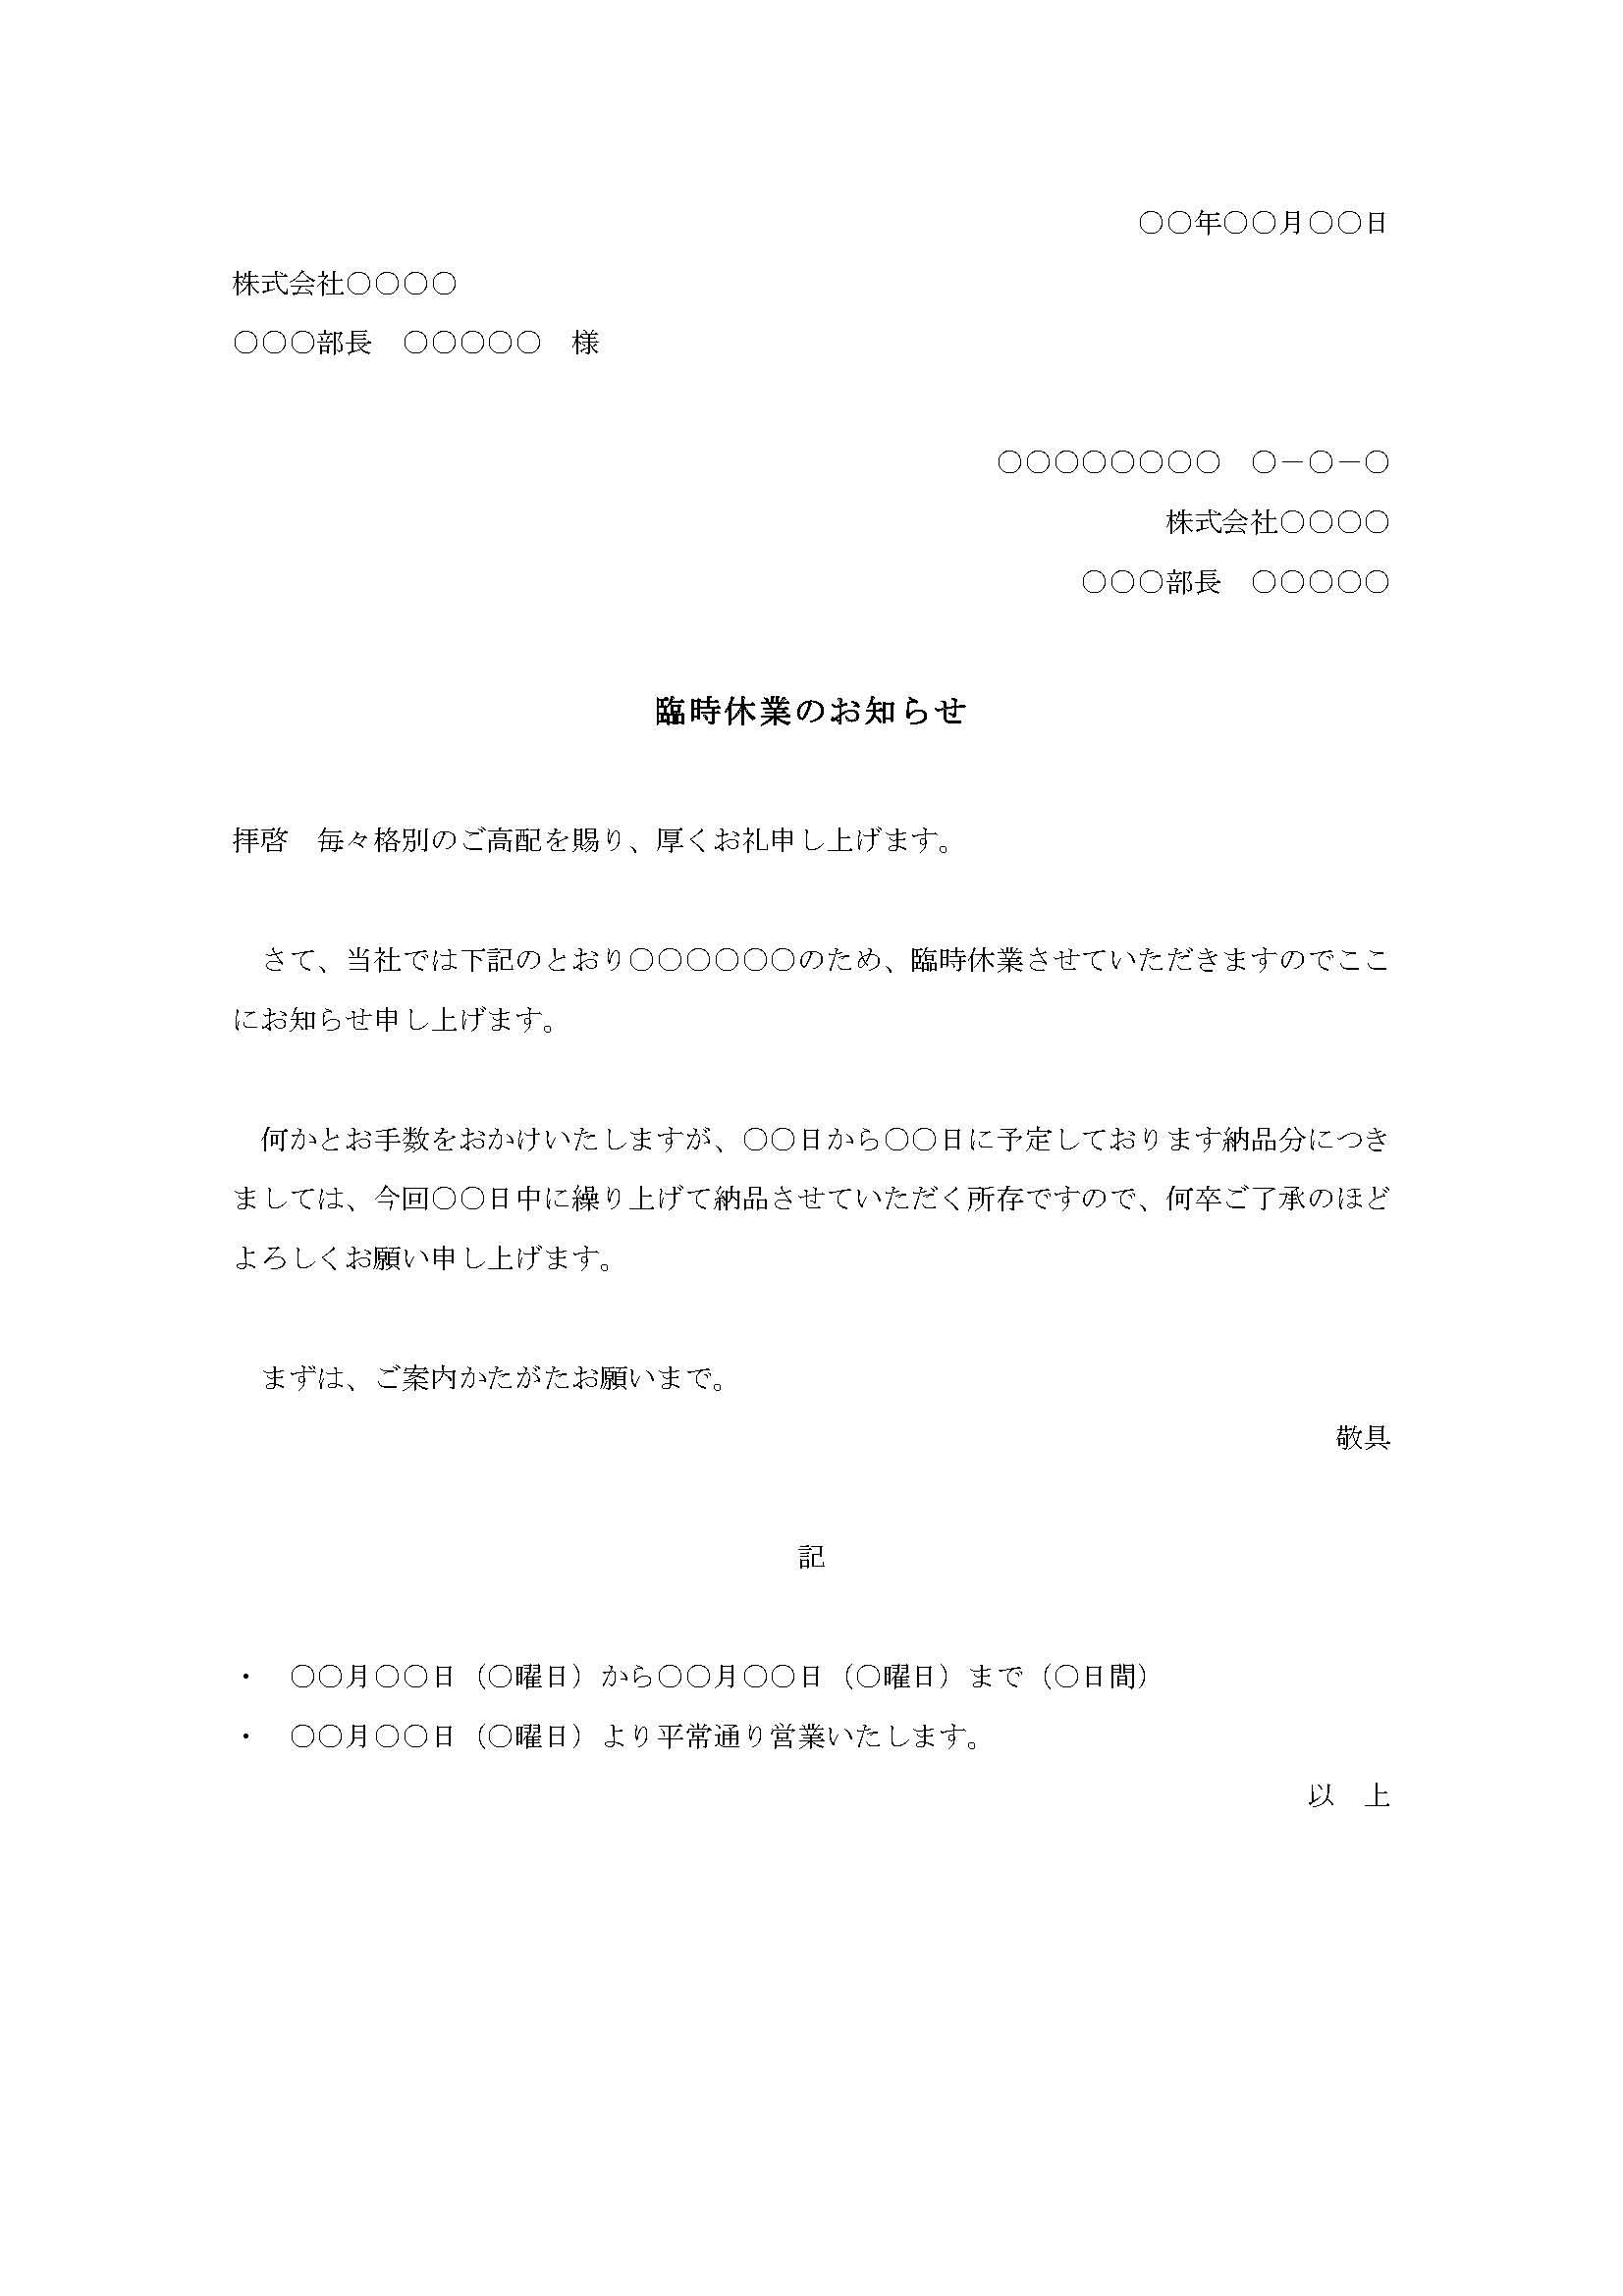 お知らせ(臨時休業)02